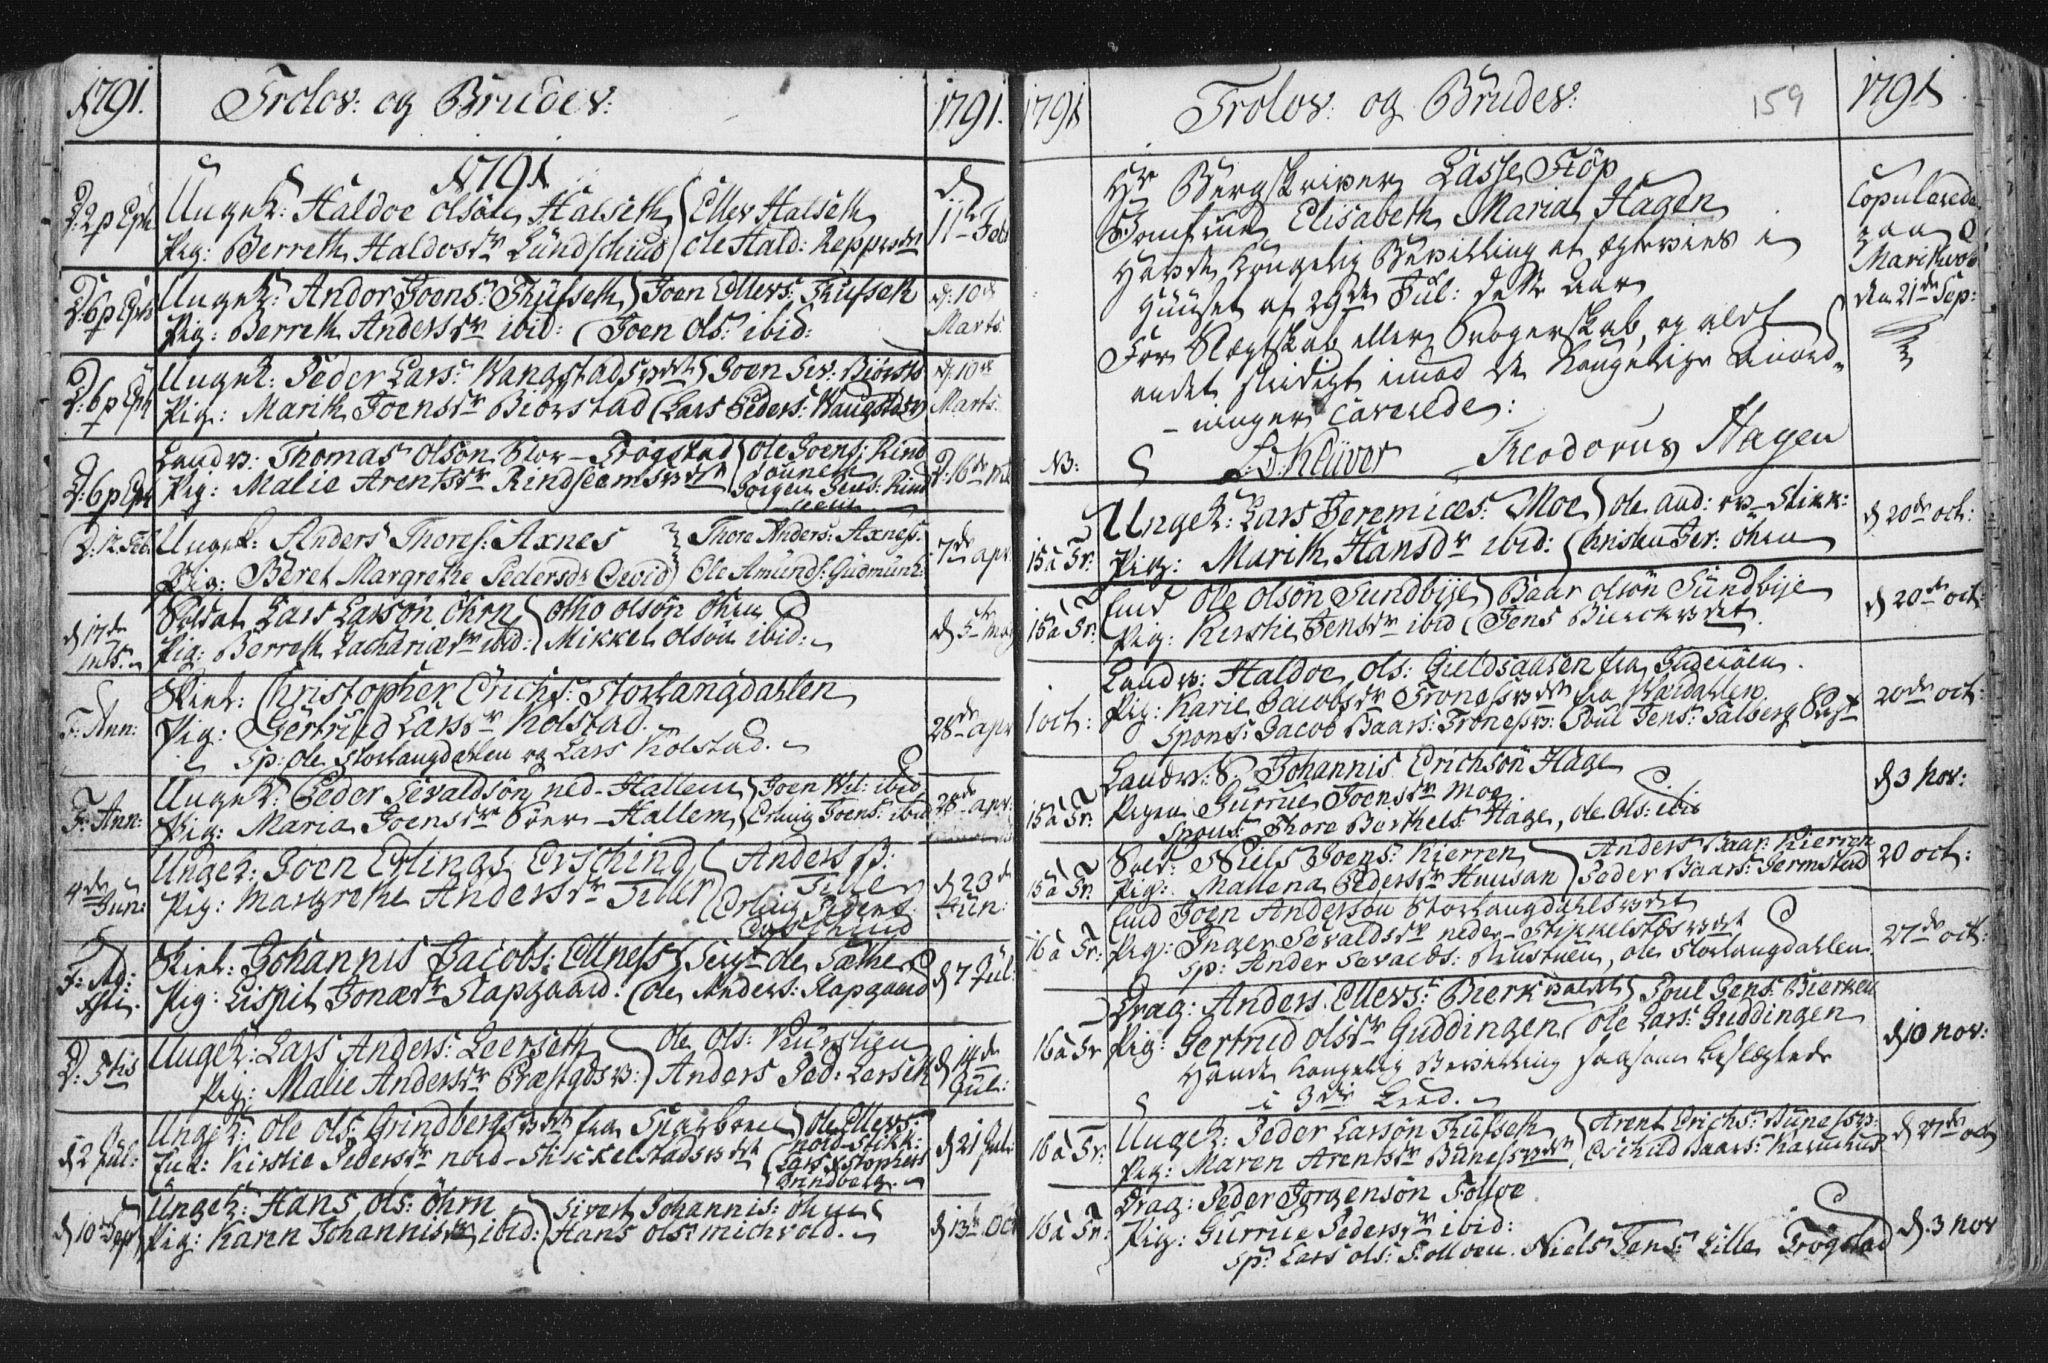 SAT, Ministerialprotokoller, klokkerbøker og fødselsregistre - Nord-Trøndelag, 723/L0232: Ministerialbok nr. 723A03, 1781-1804, s. 159